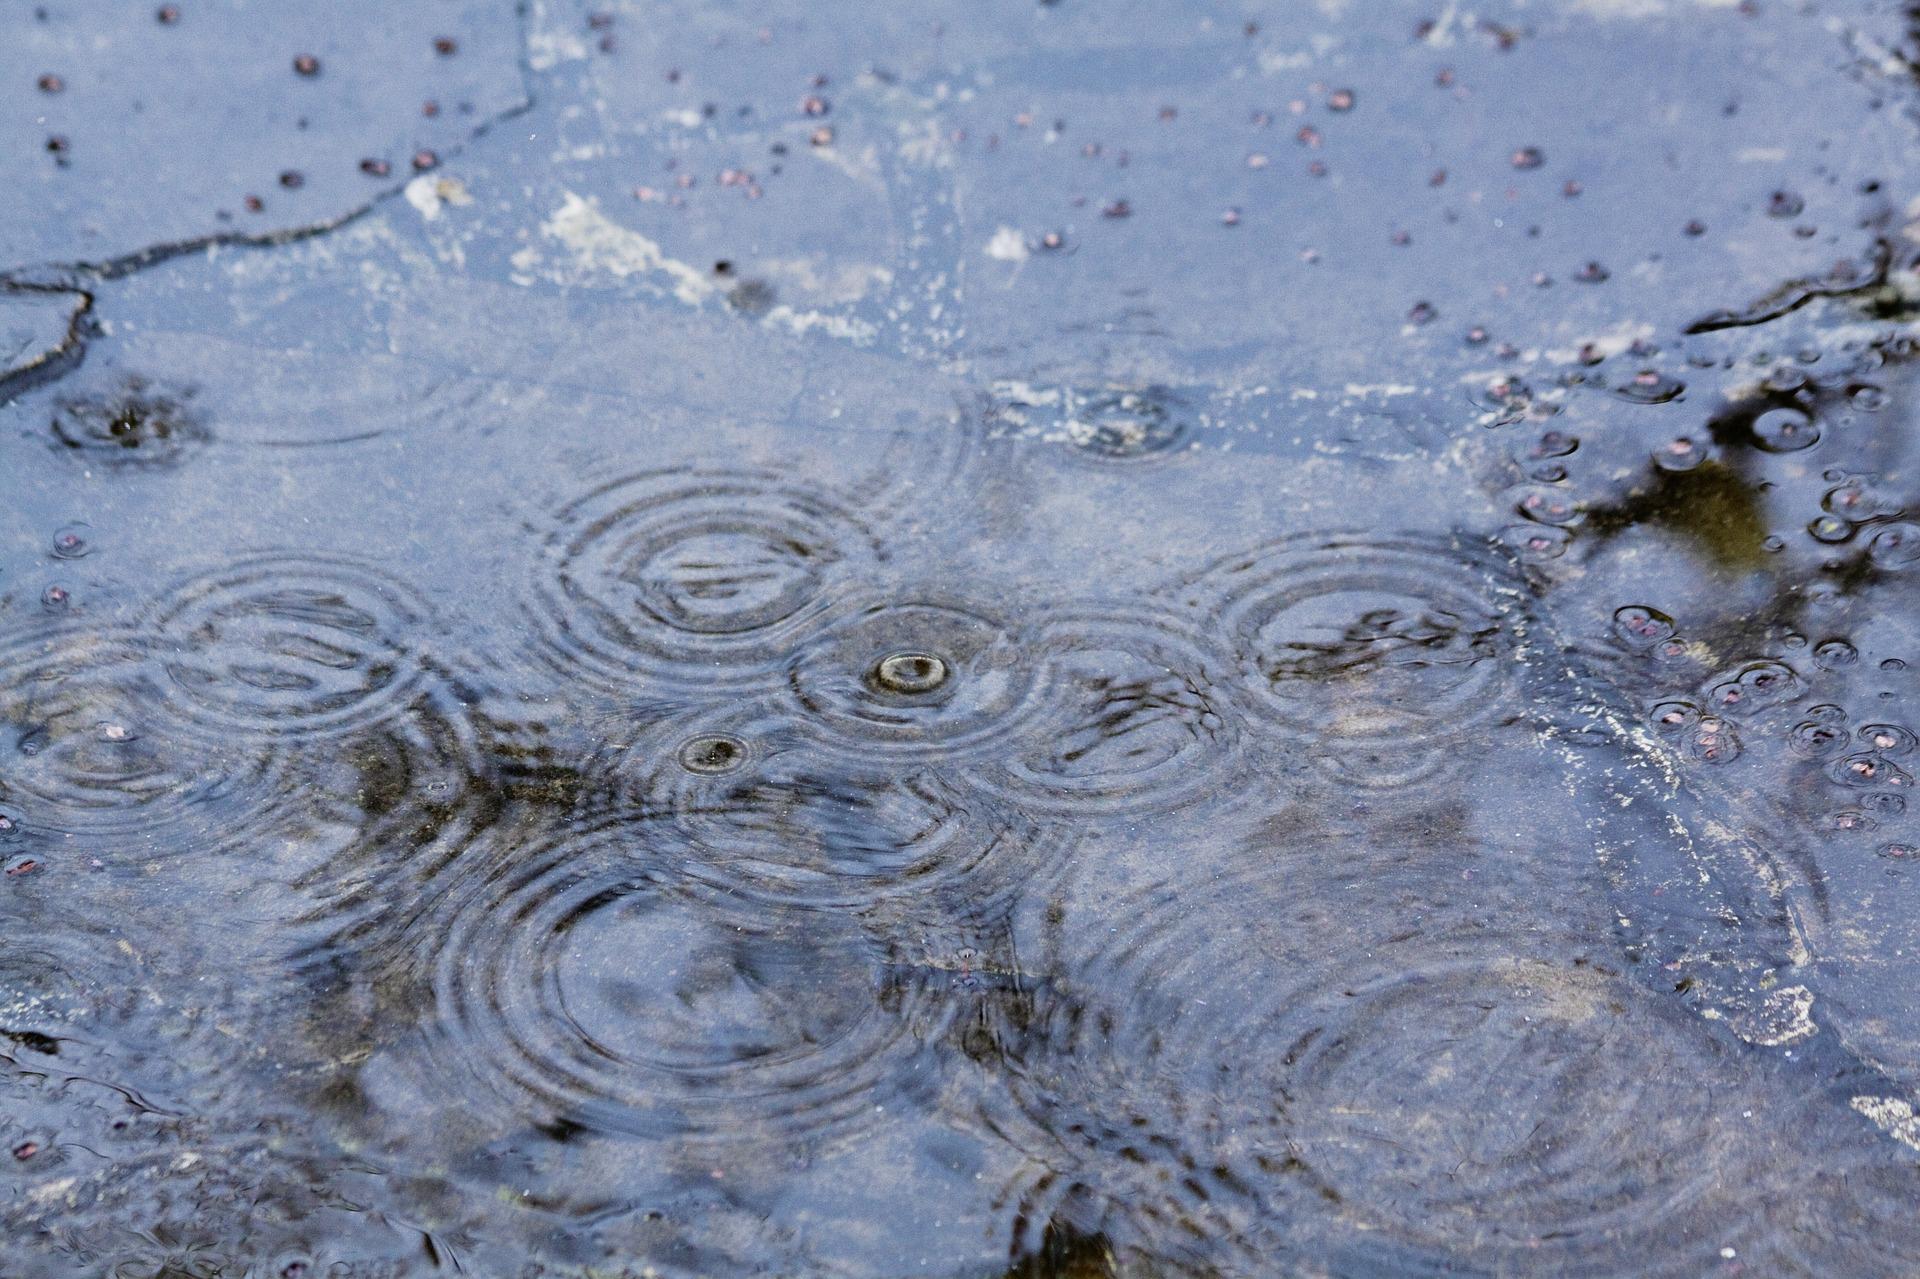 もう雨なんかこわくない! 防水を知る